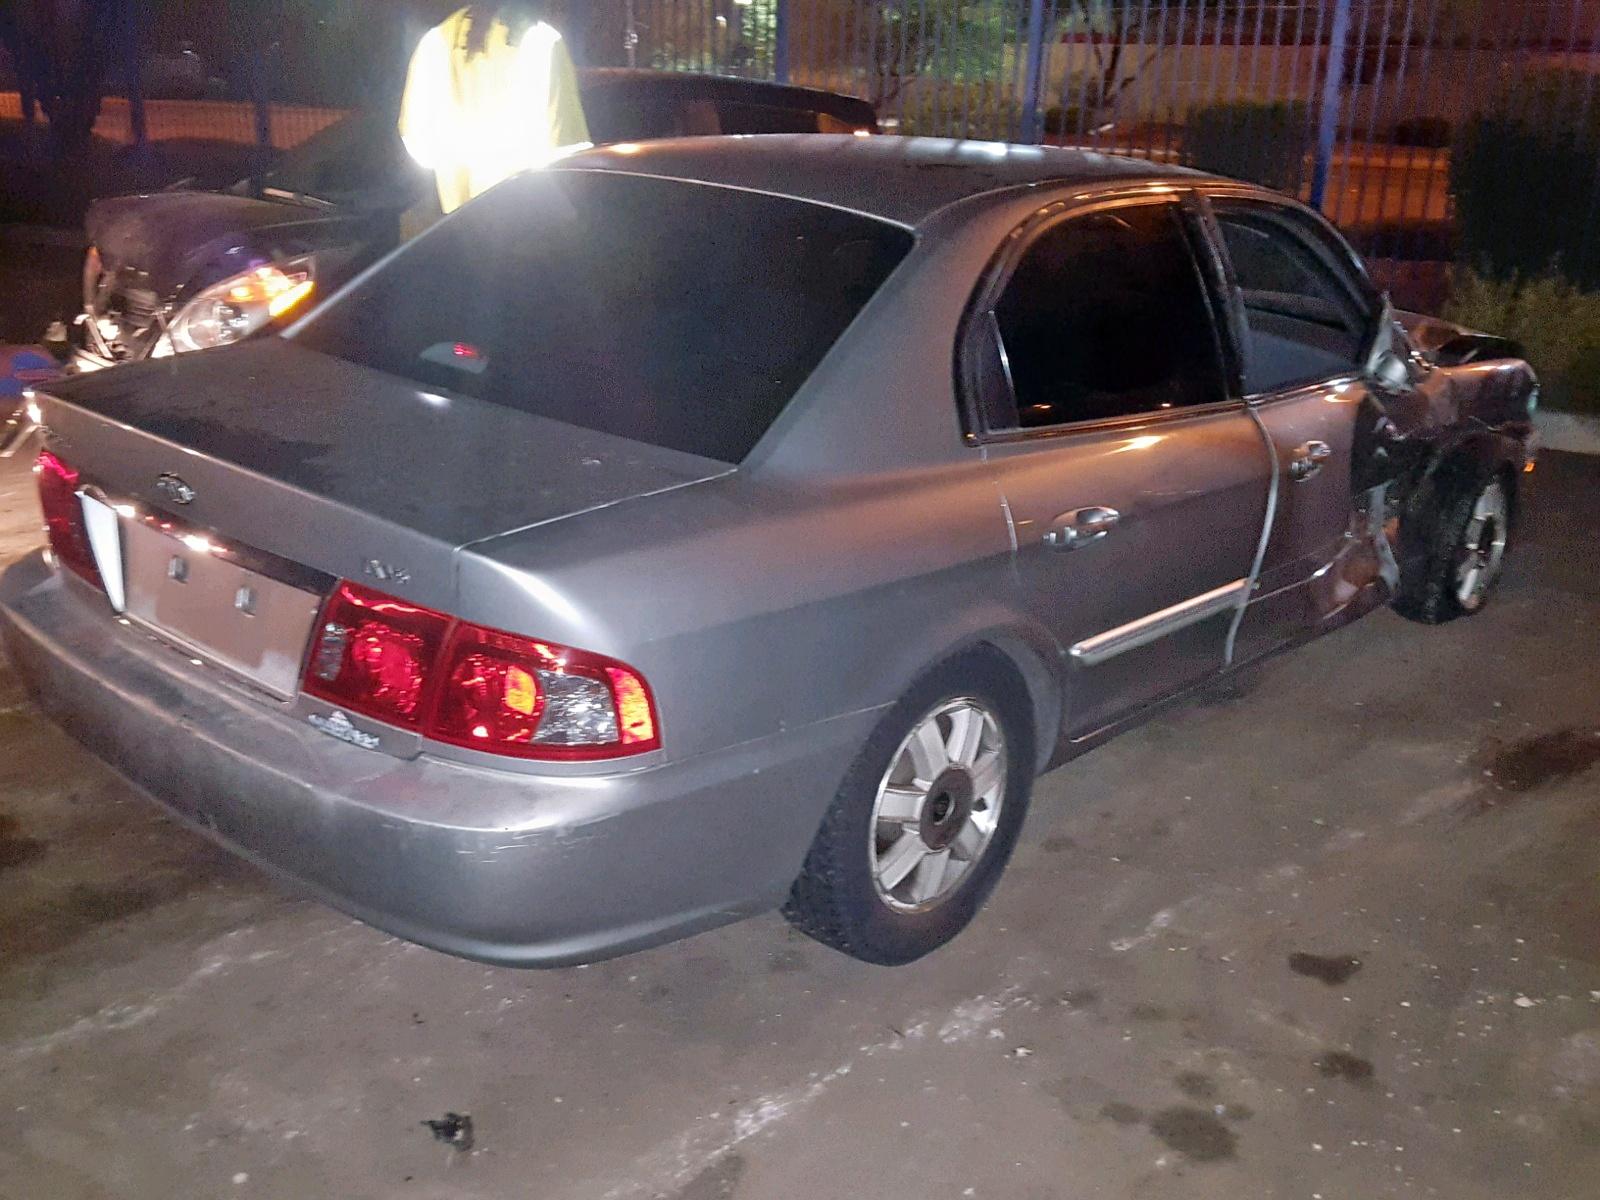 KNAGD128635193948 - 2003 Kia Optima Lx 2.7L rear view